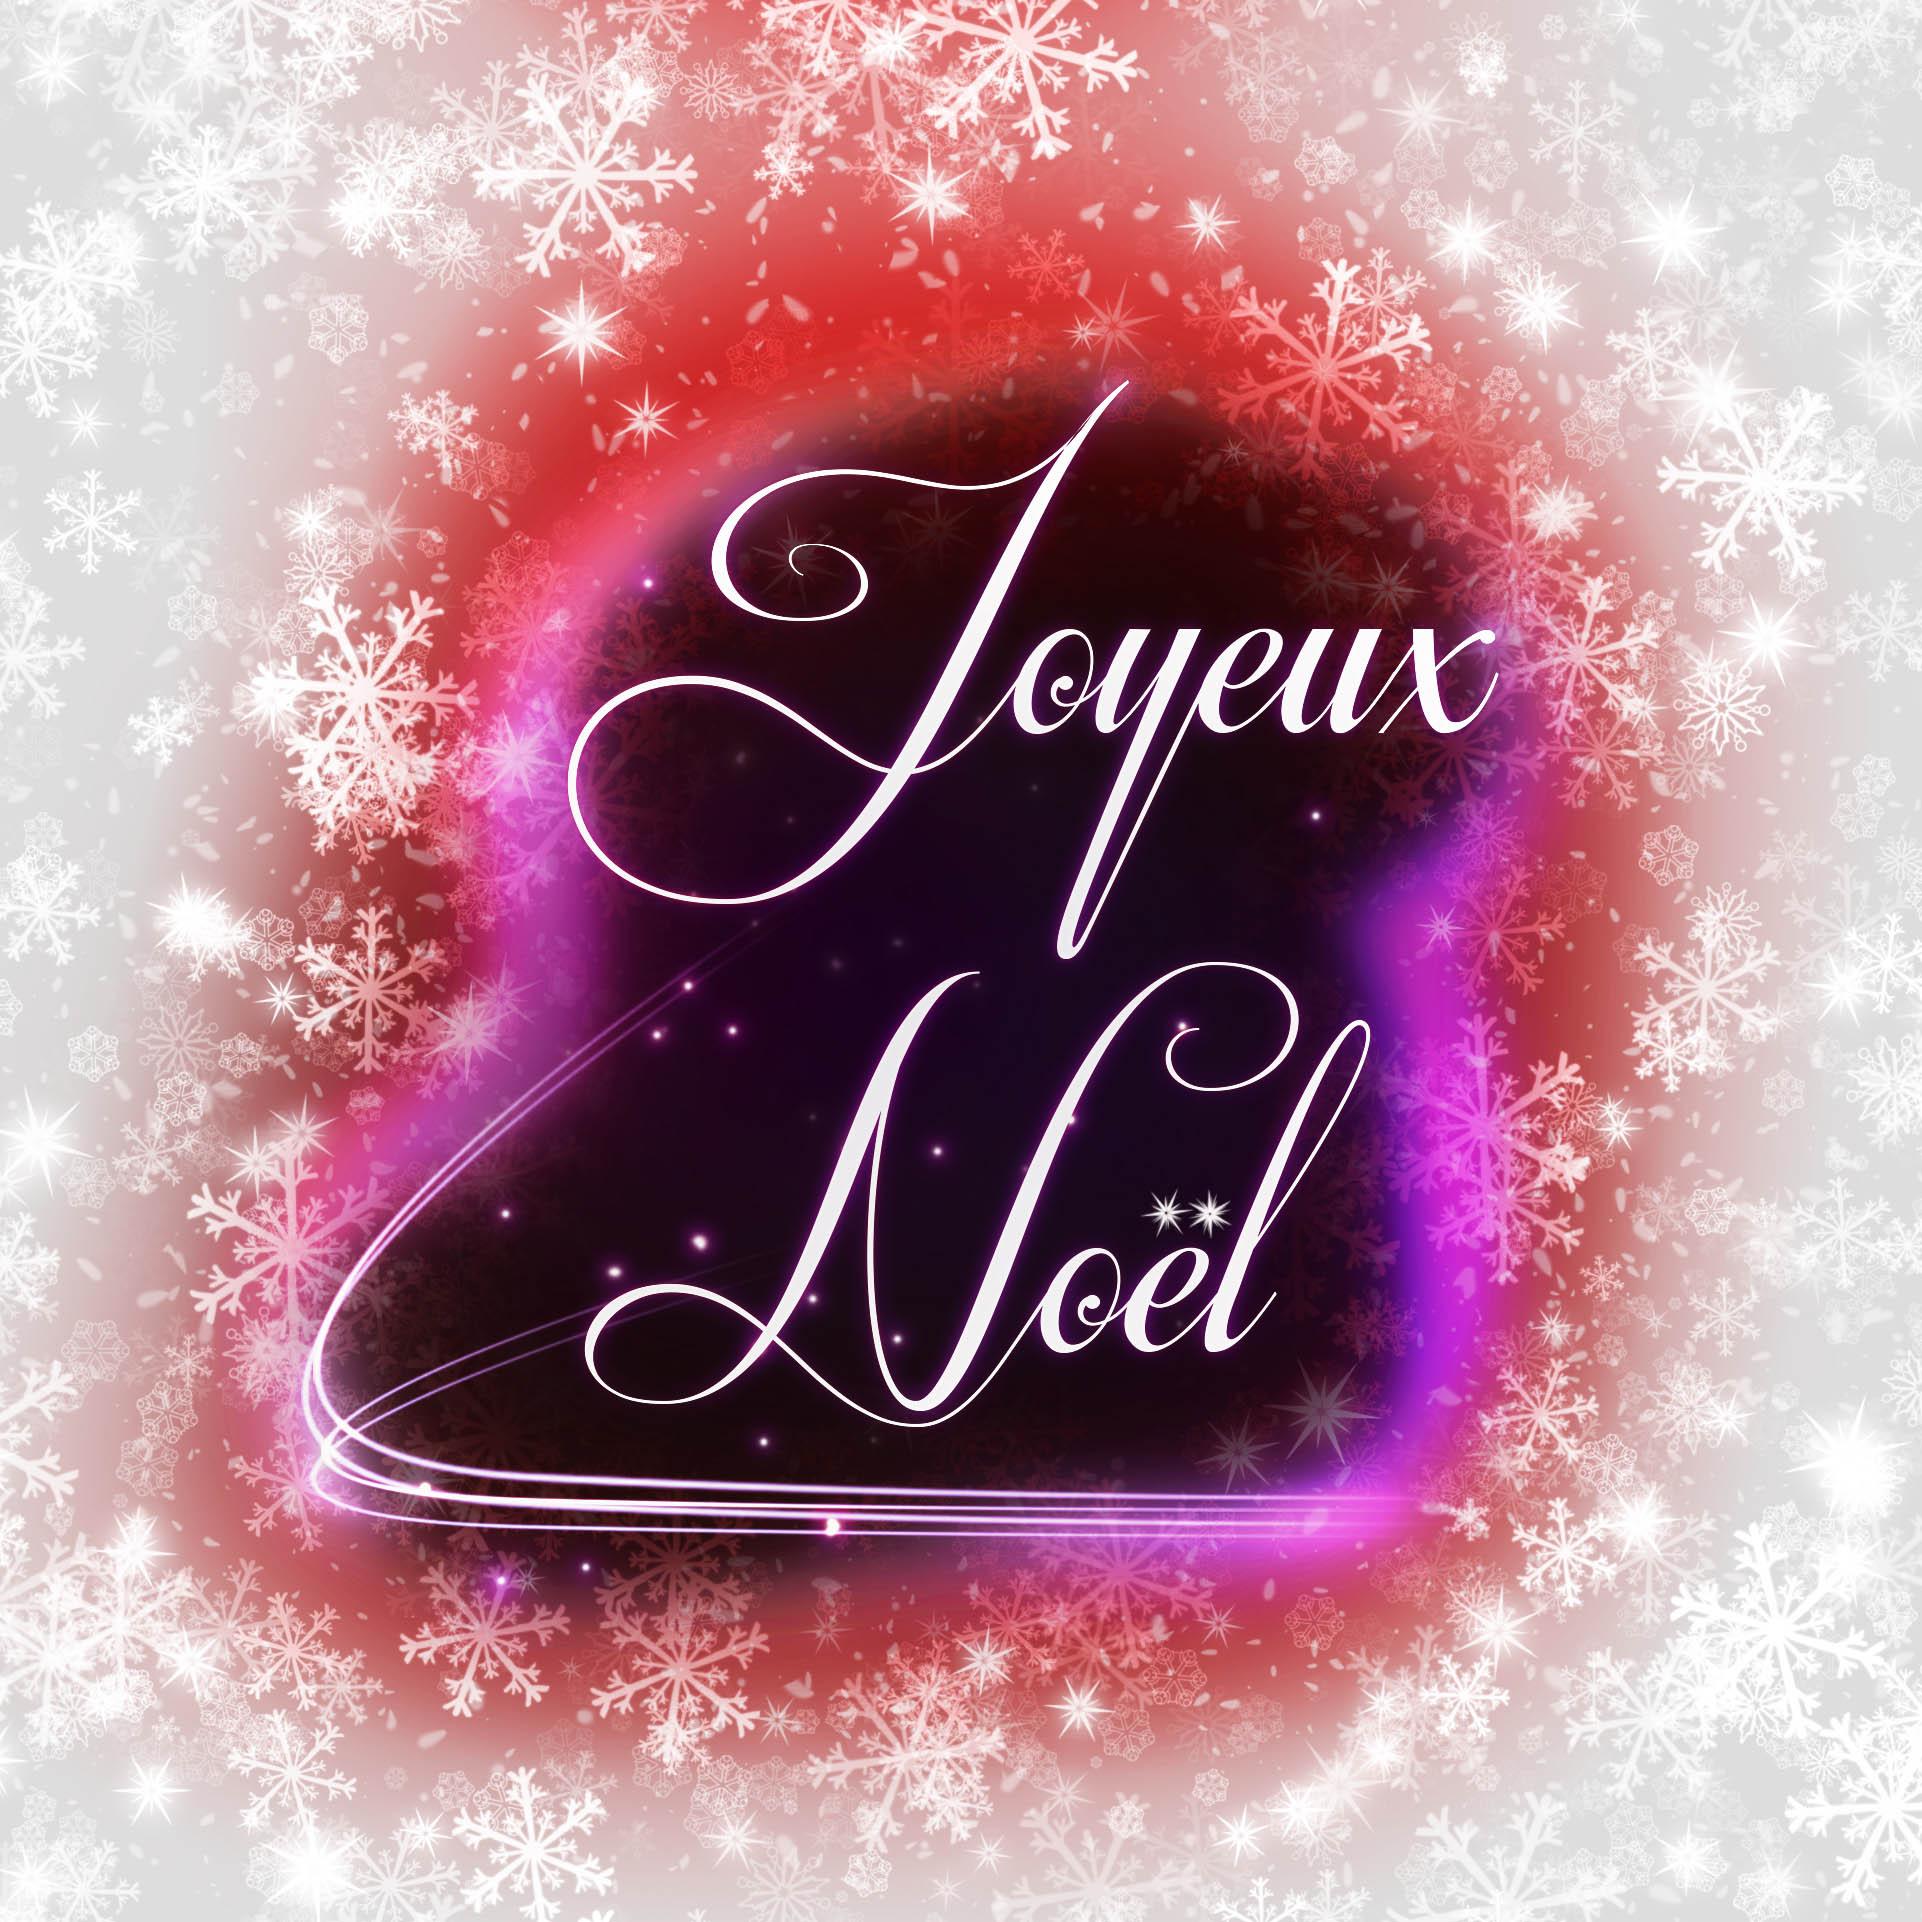 Joyeux Noel avec neige 5